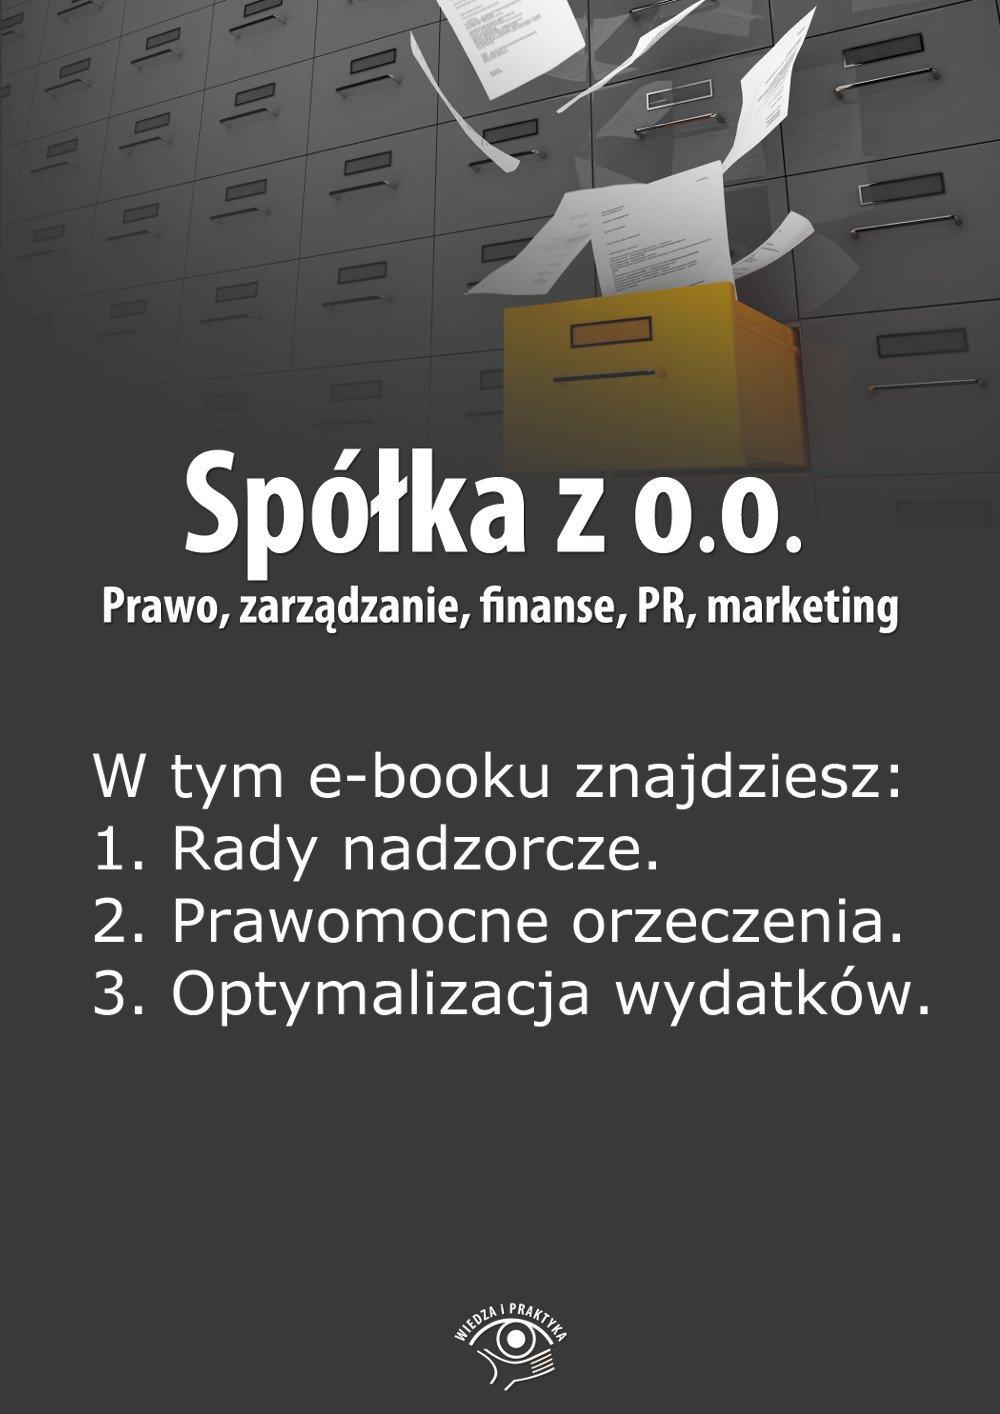 Spółka z o.o. Prawo, zarządzanie, finanse, PR, marketing. Wydanie czerwiec 2014 r. - Ebook (Książka EPUB) do pobrania w formacie EPUB